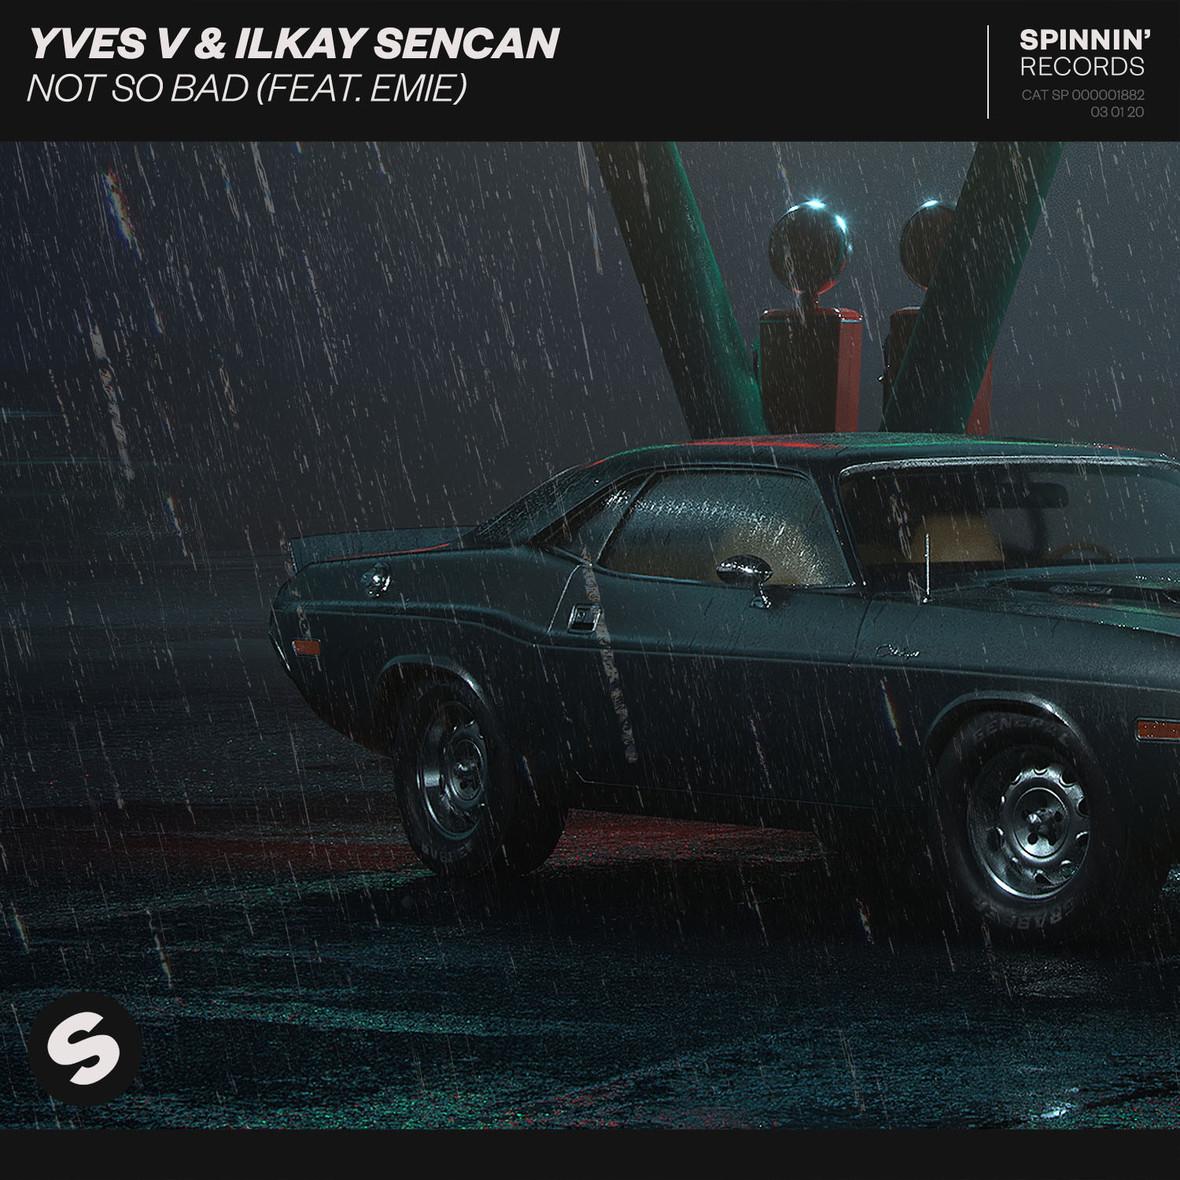 Yves V & Ilkay Sencan Ft Emie - Not So Bad